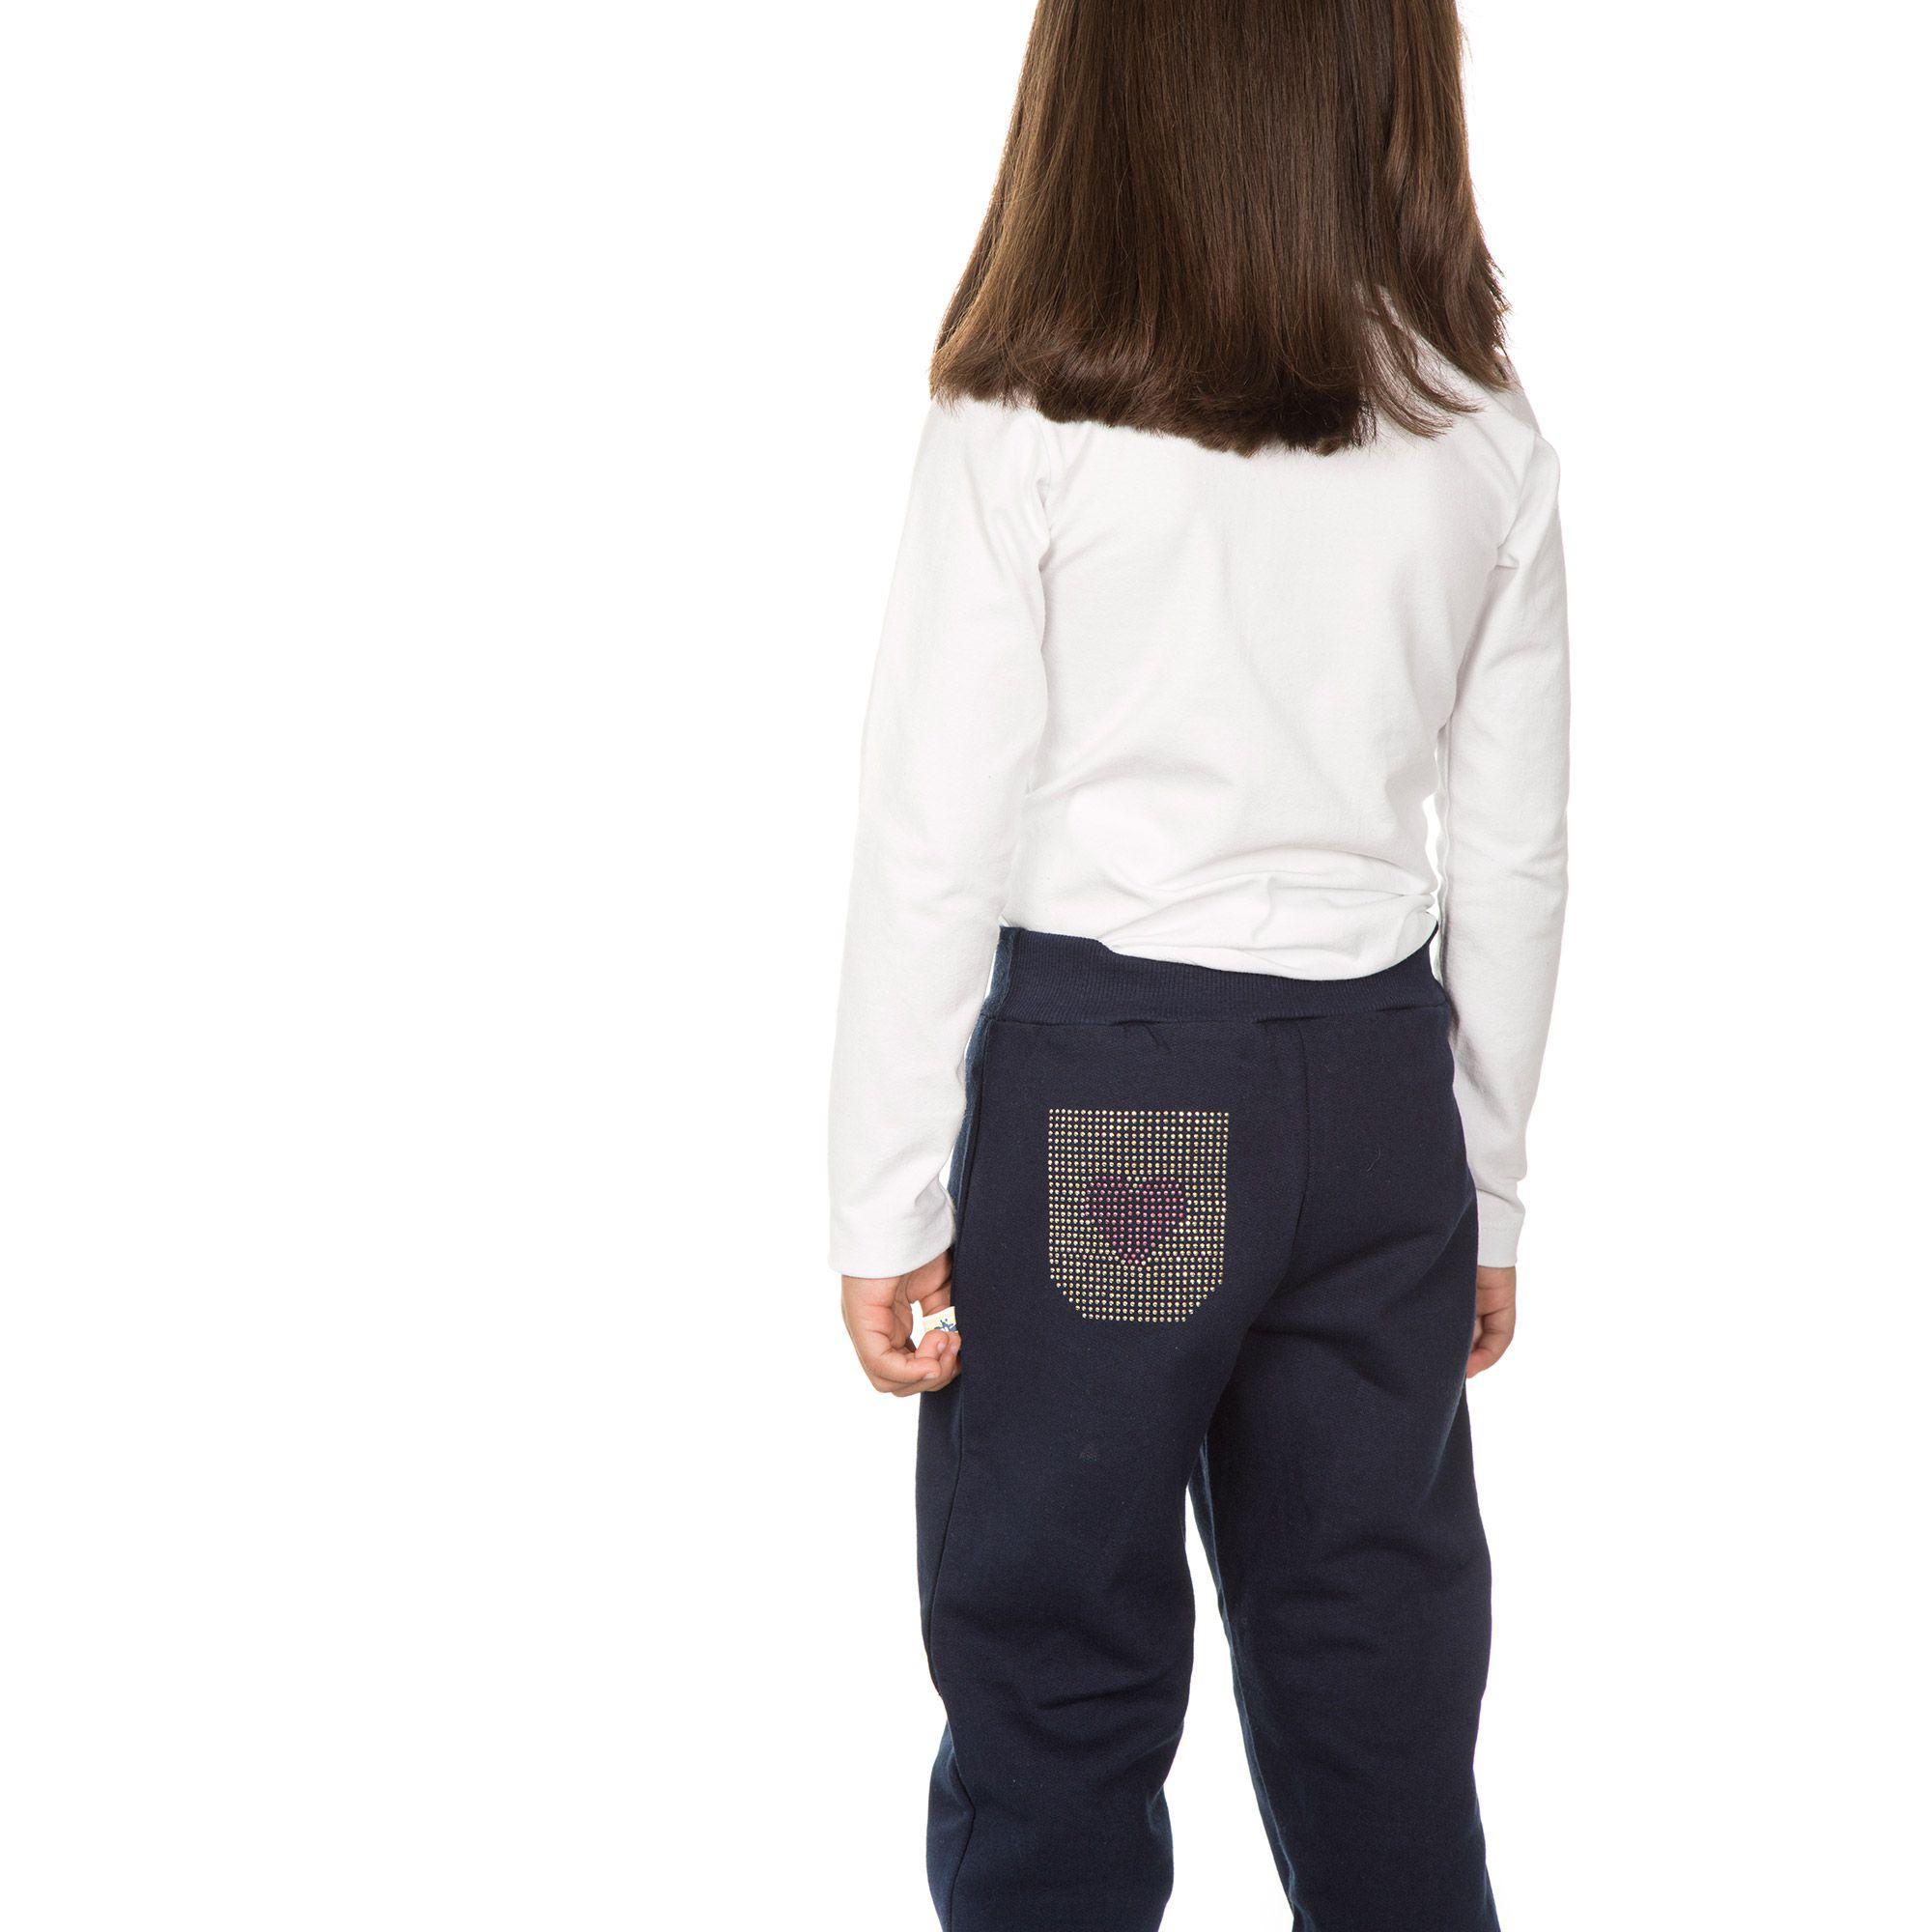 Calça em Moletom Infantil Feminina - Ref 5007 - Marinho